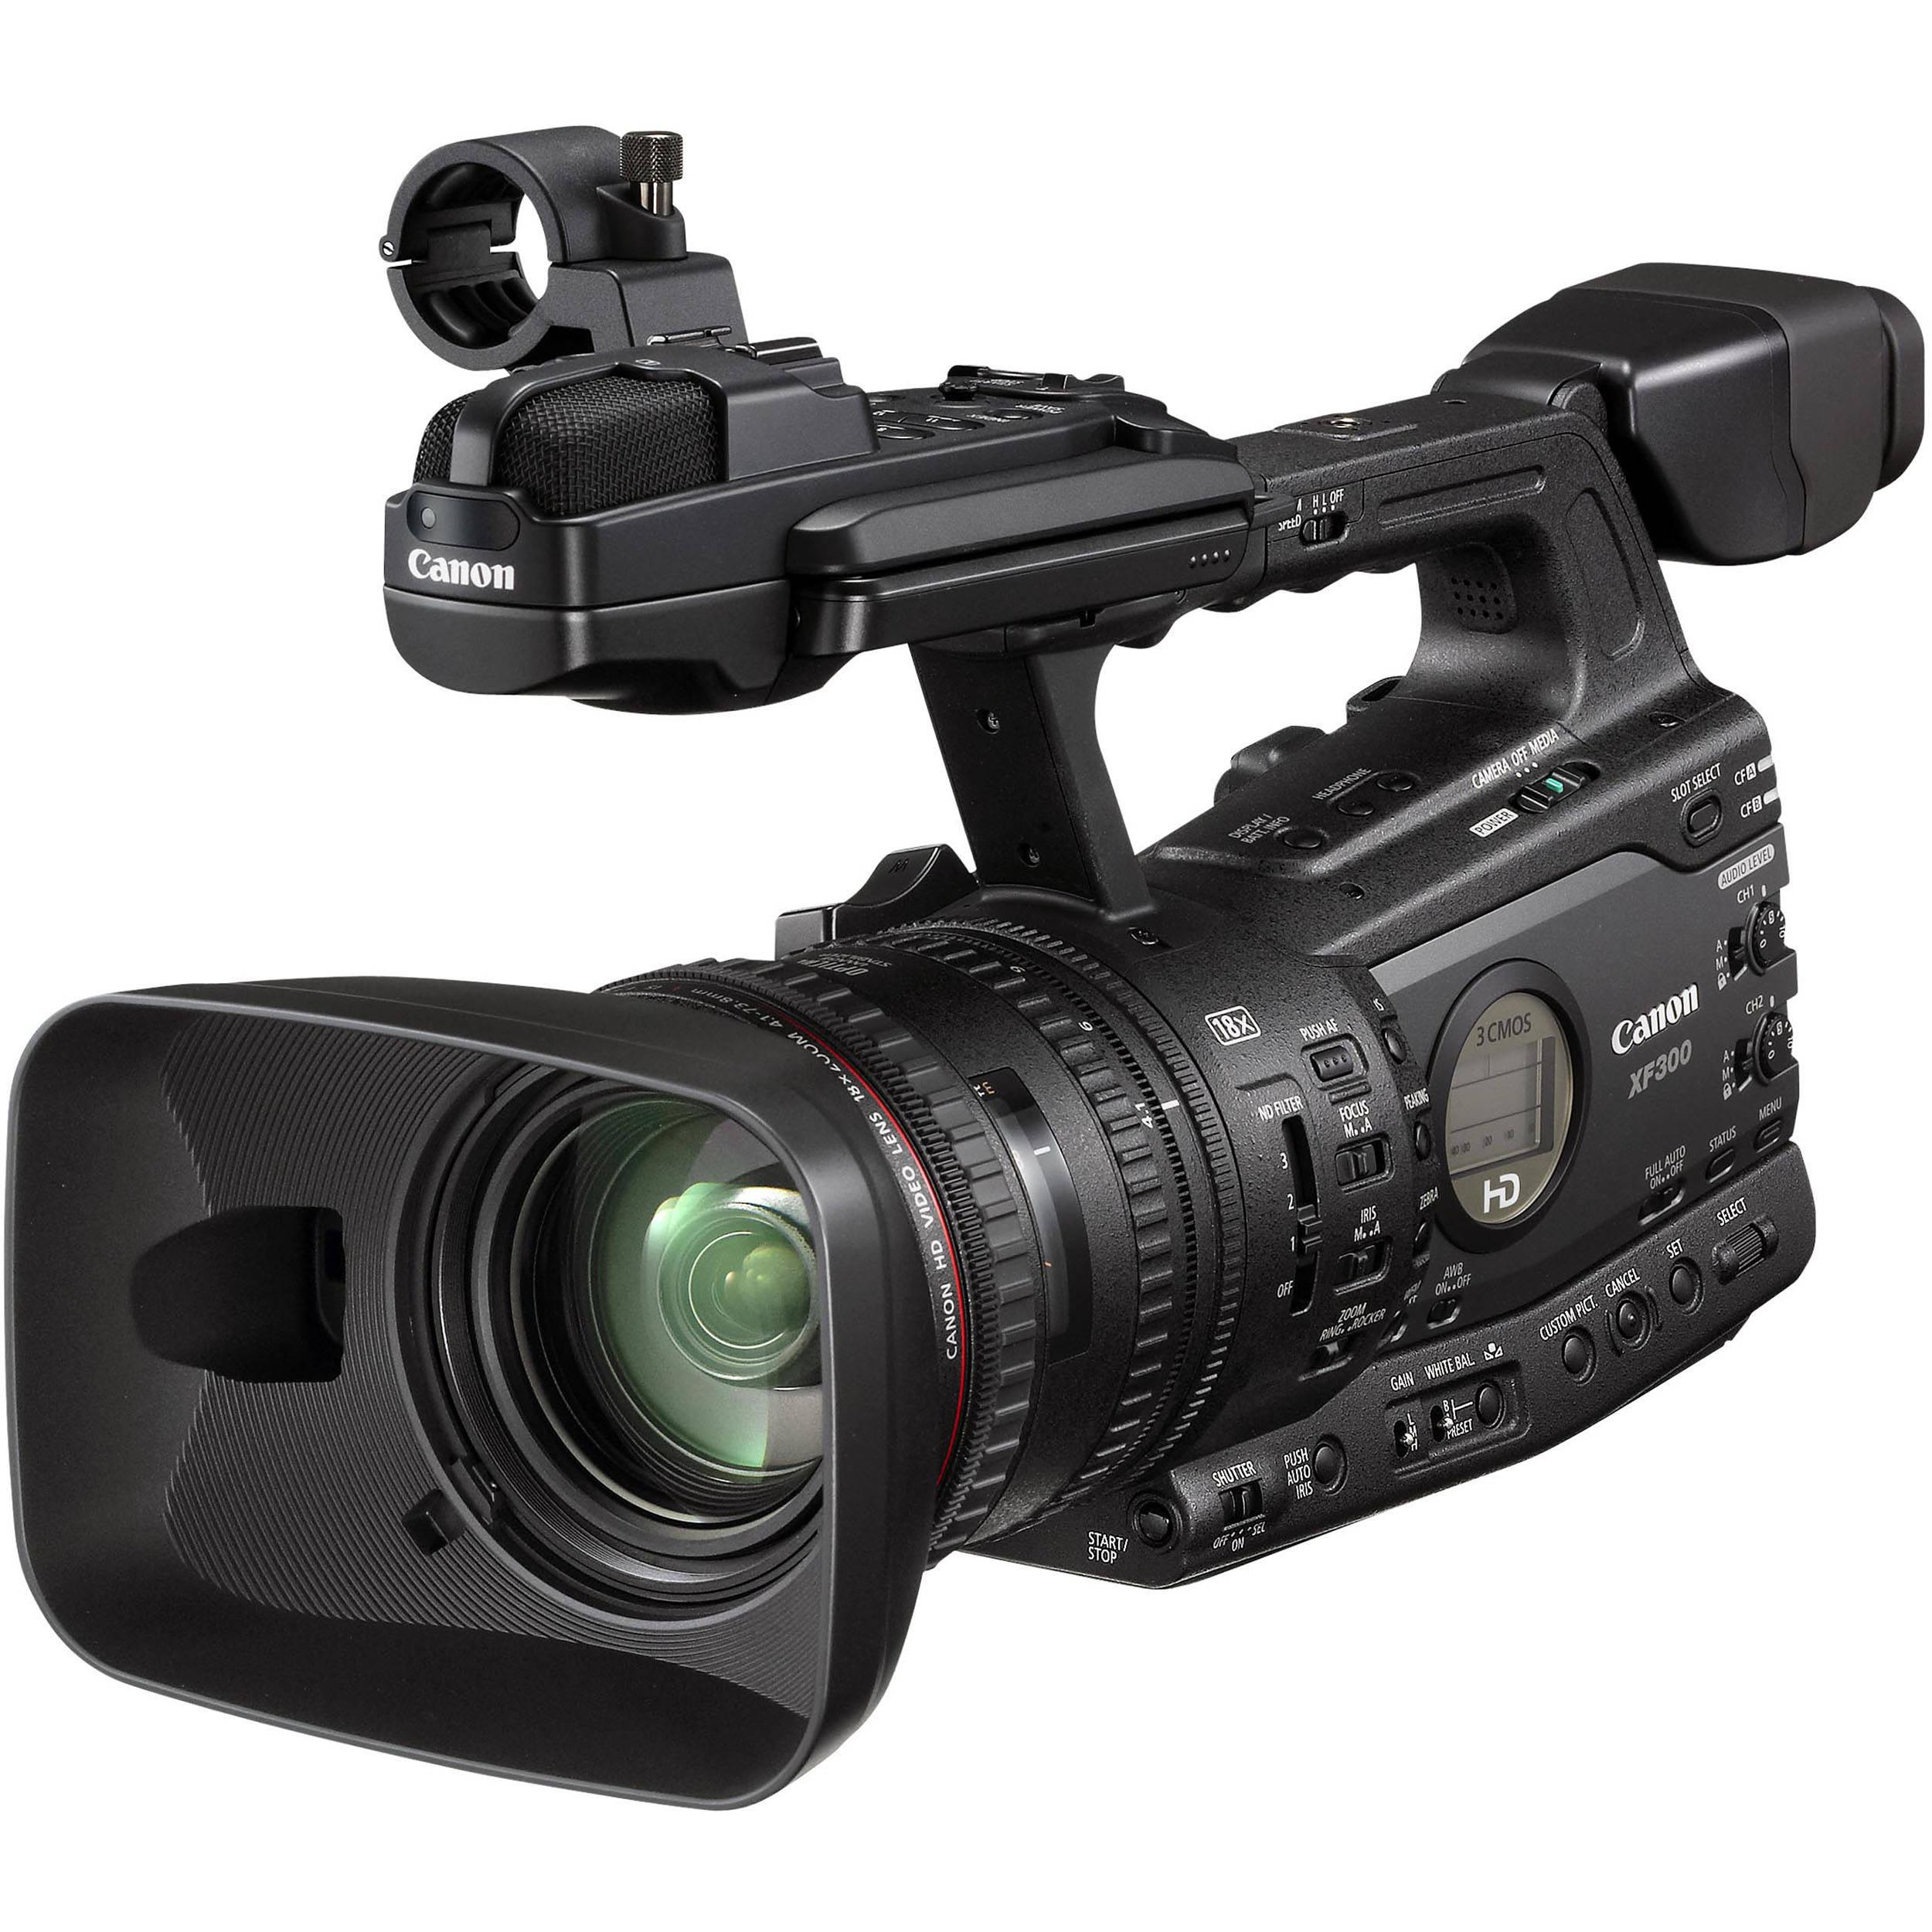 Canon XF300 Professional Video Camera